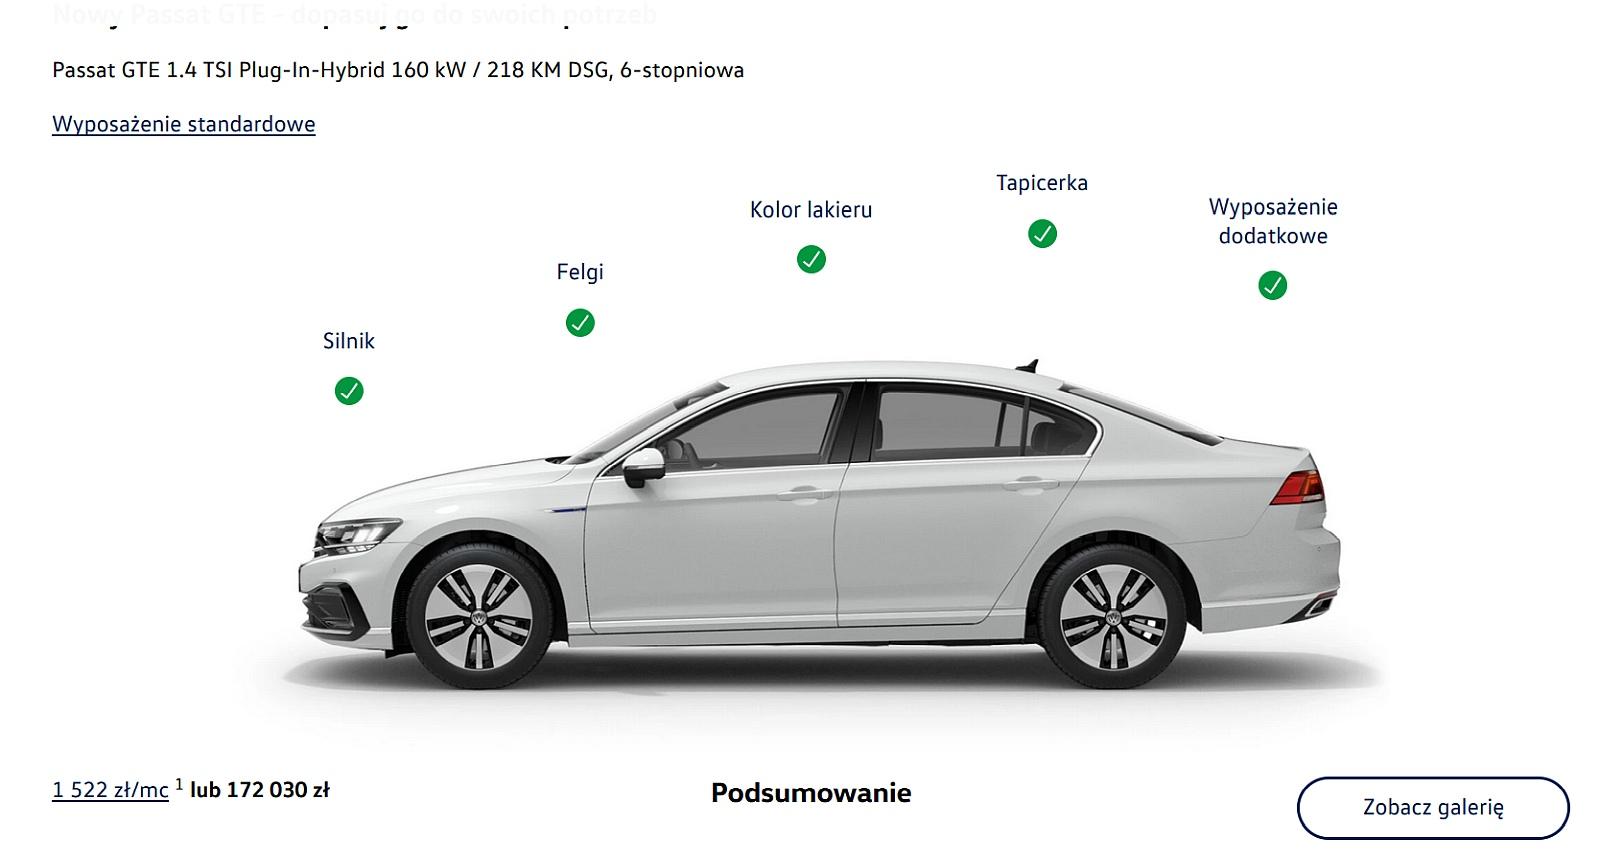 Nowy Volkswagen Passat Gte Cena Od 158 990 Zlotych Z Uwzglednieniem Rabatu Na 11 000 Zl Aktualizacja Samochody Elektryczne Www Elektrowoz Pl